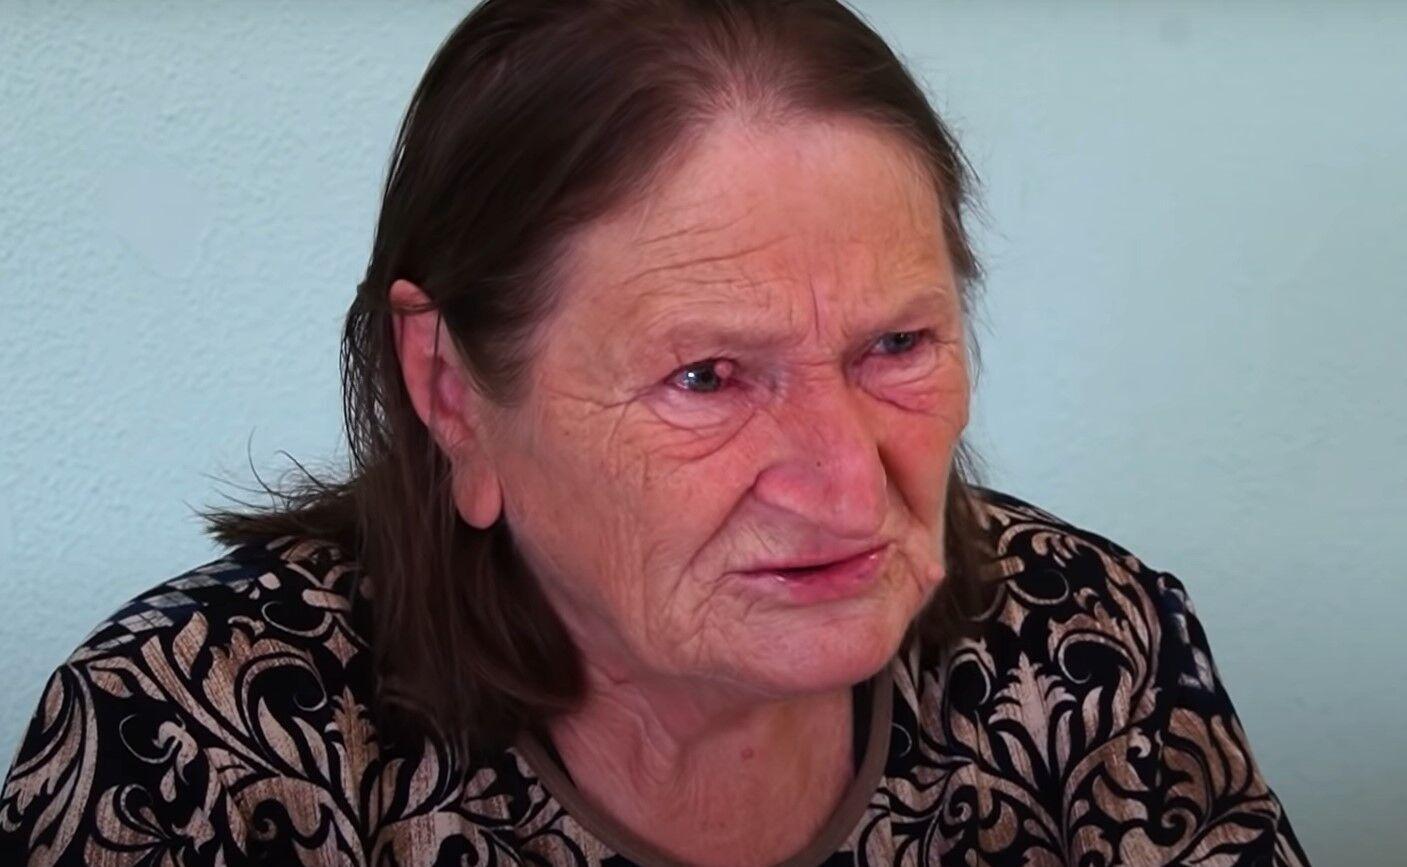 Татьяну Присяжную избили до потери памяти в 2000 году